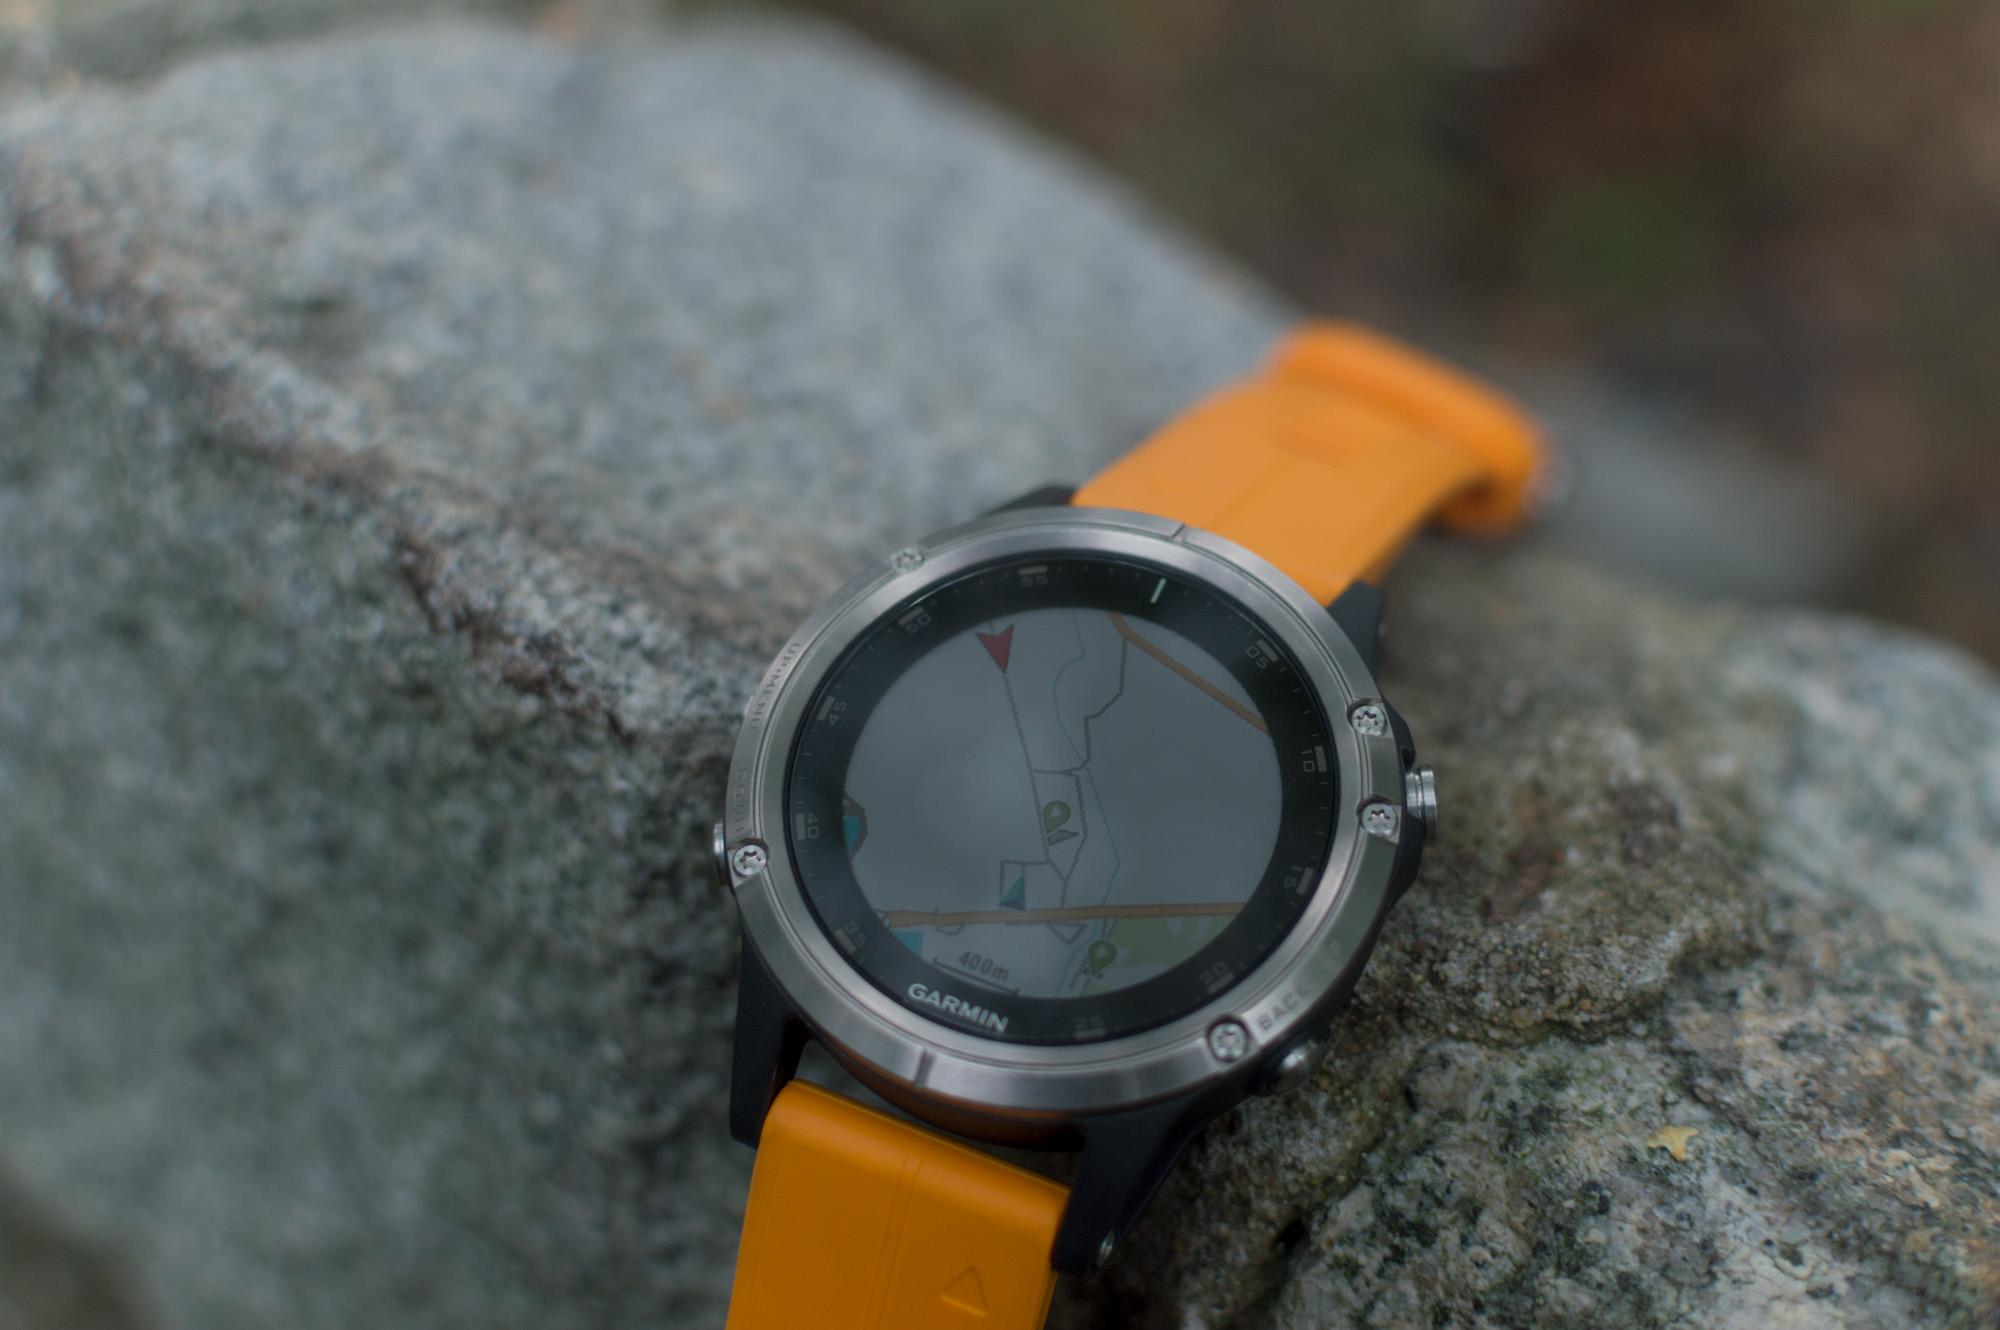 Garmin fenix 5 Plus - mapy i nawigacja w zegarku